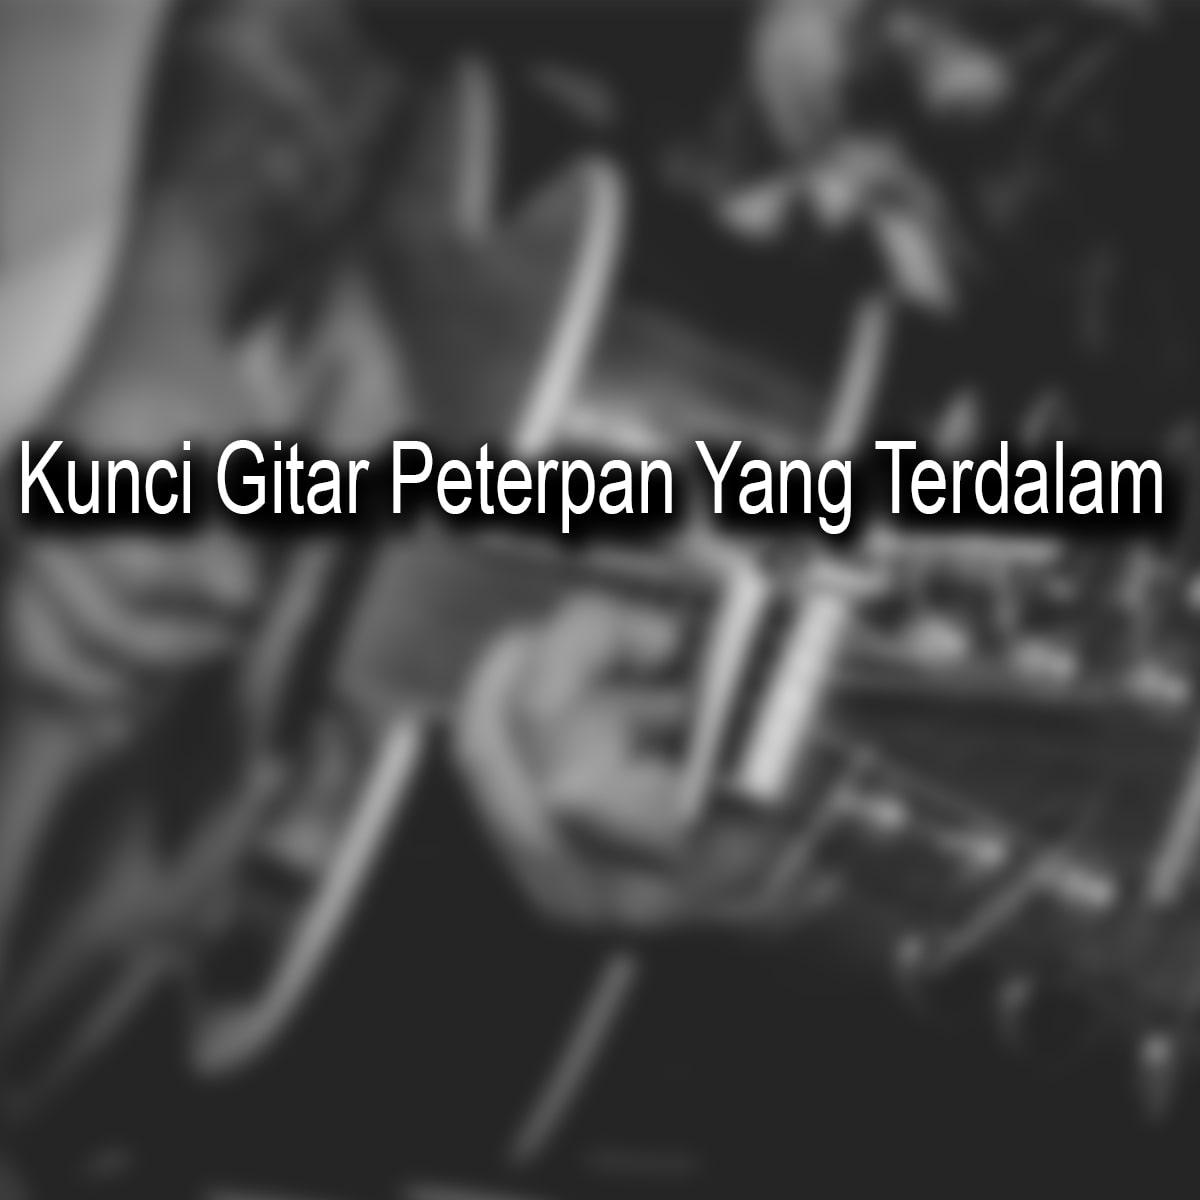 Kunci Gitar Peterpan Yang Terdalam